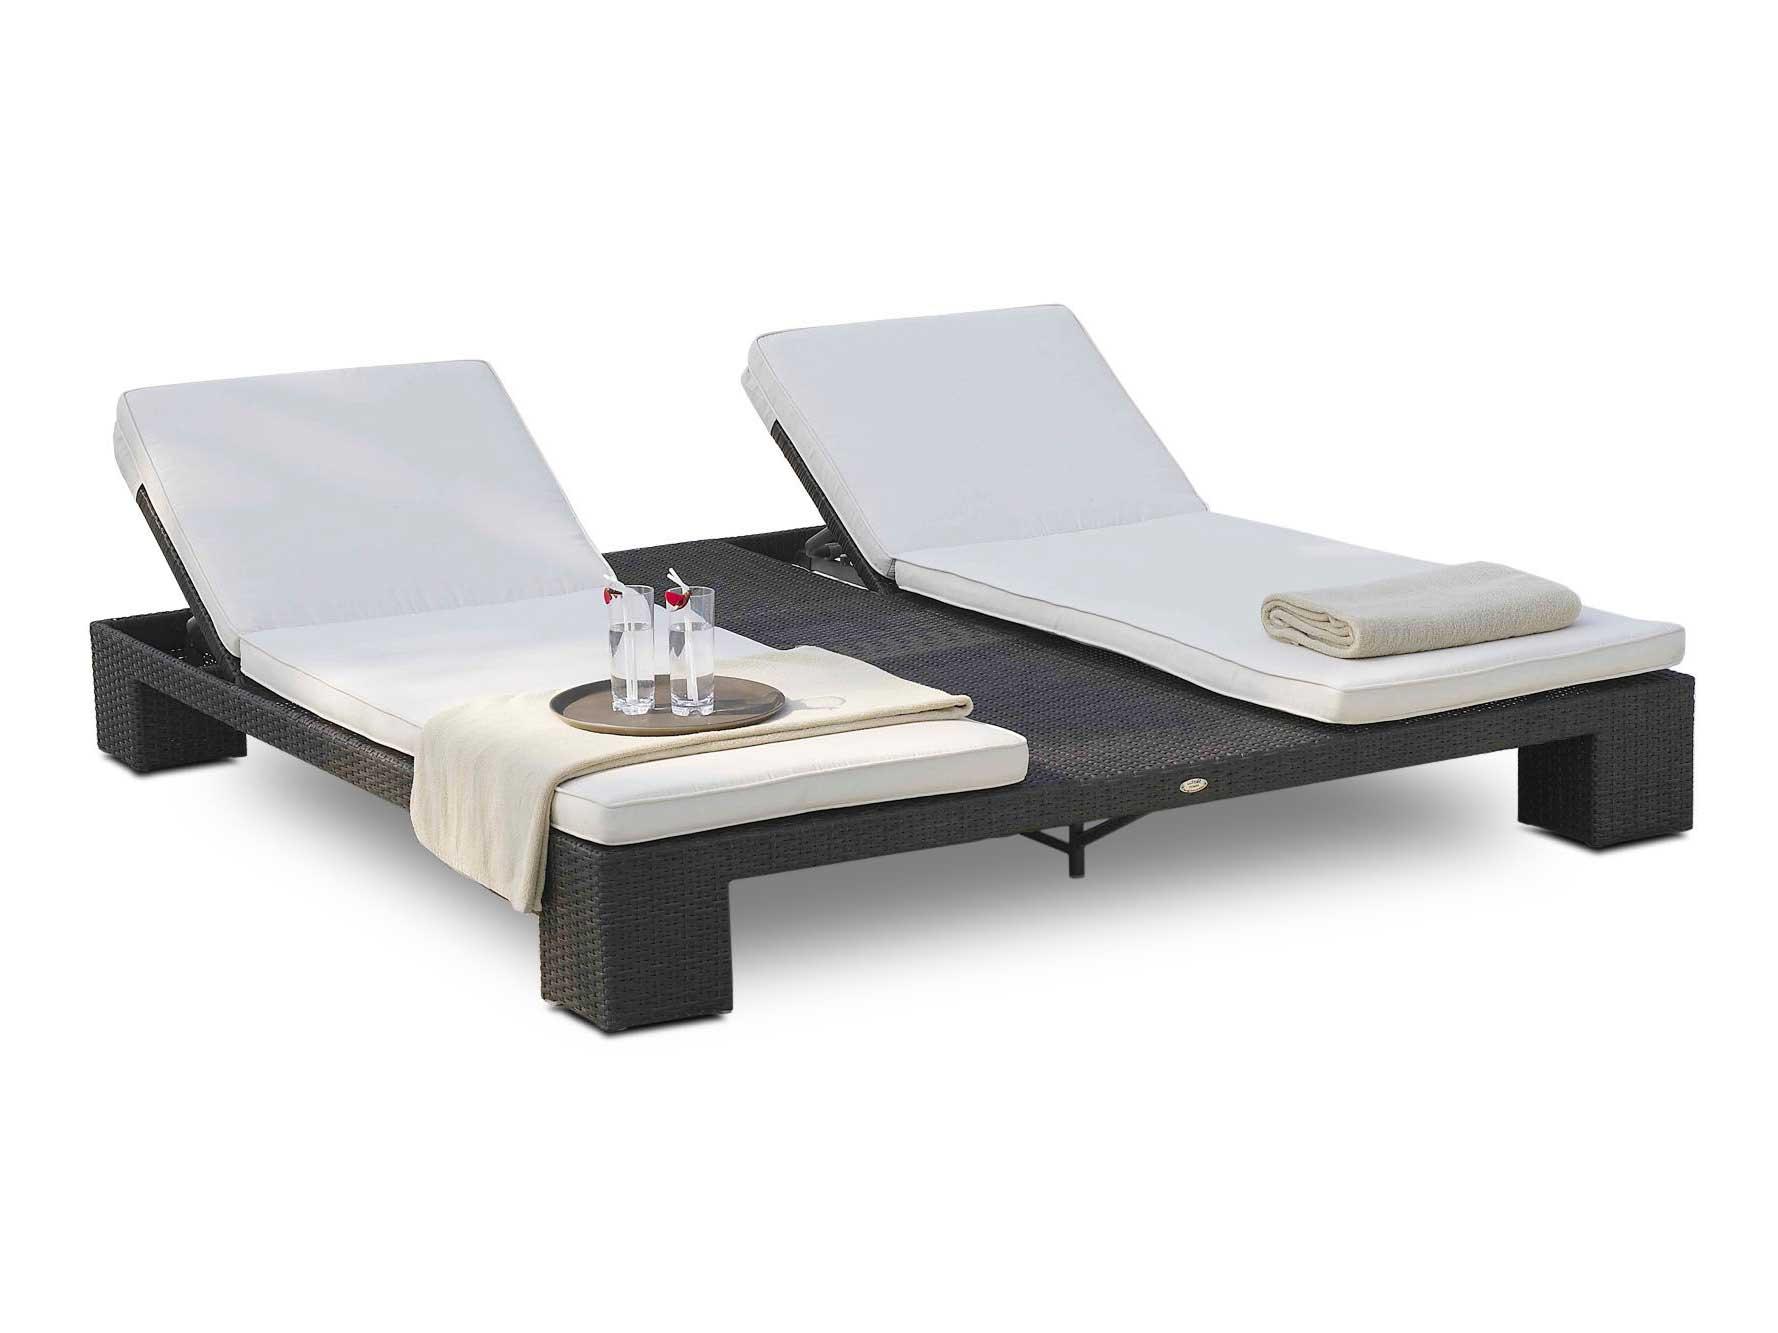 Double bain de soleil de jardin relaxation sunny de lusso - Bain de soleil double pas cher ...